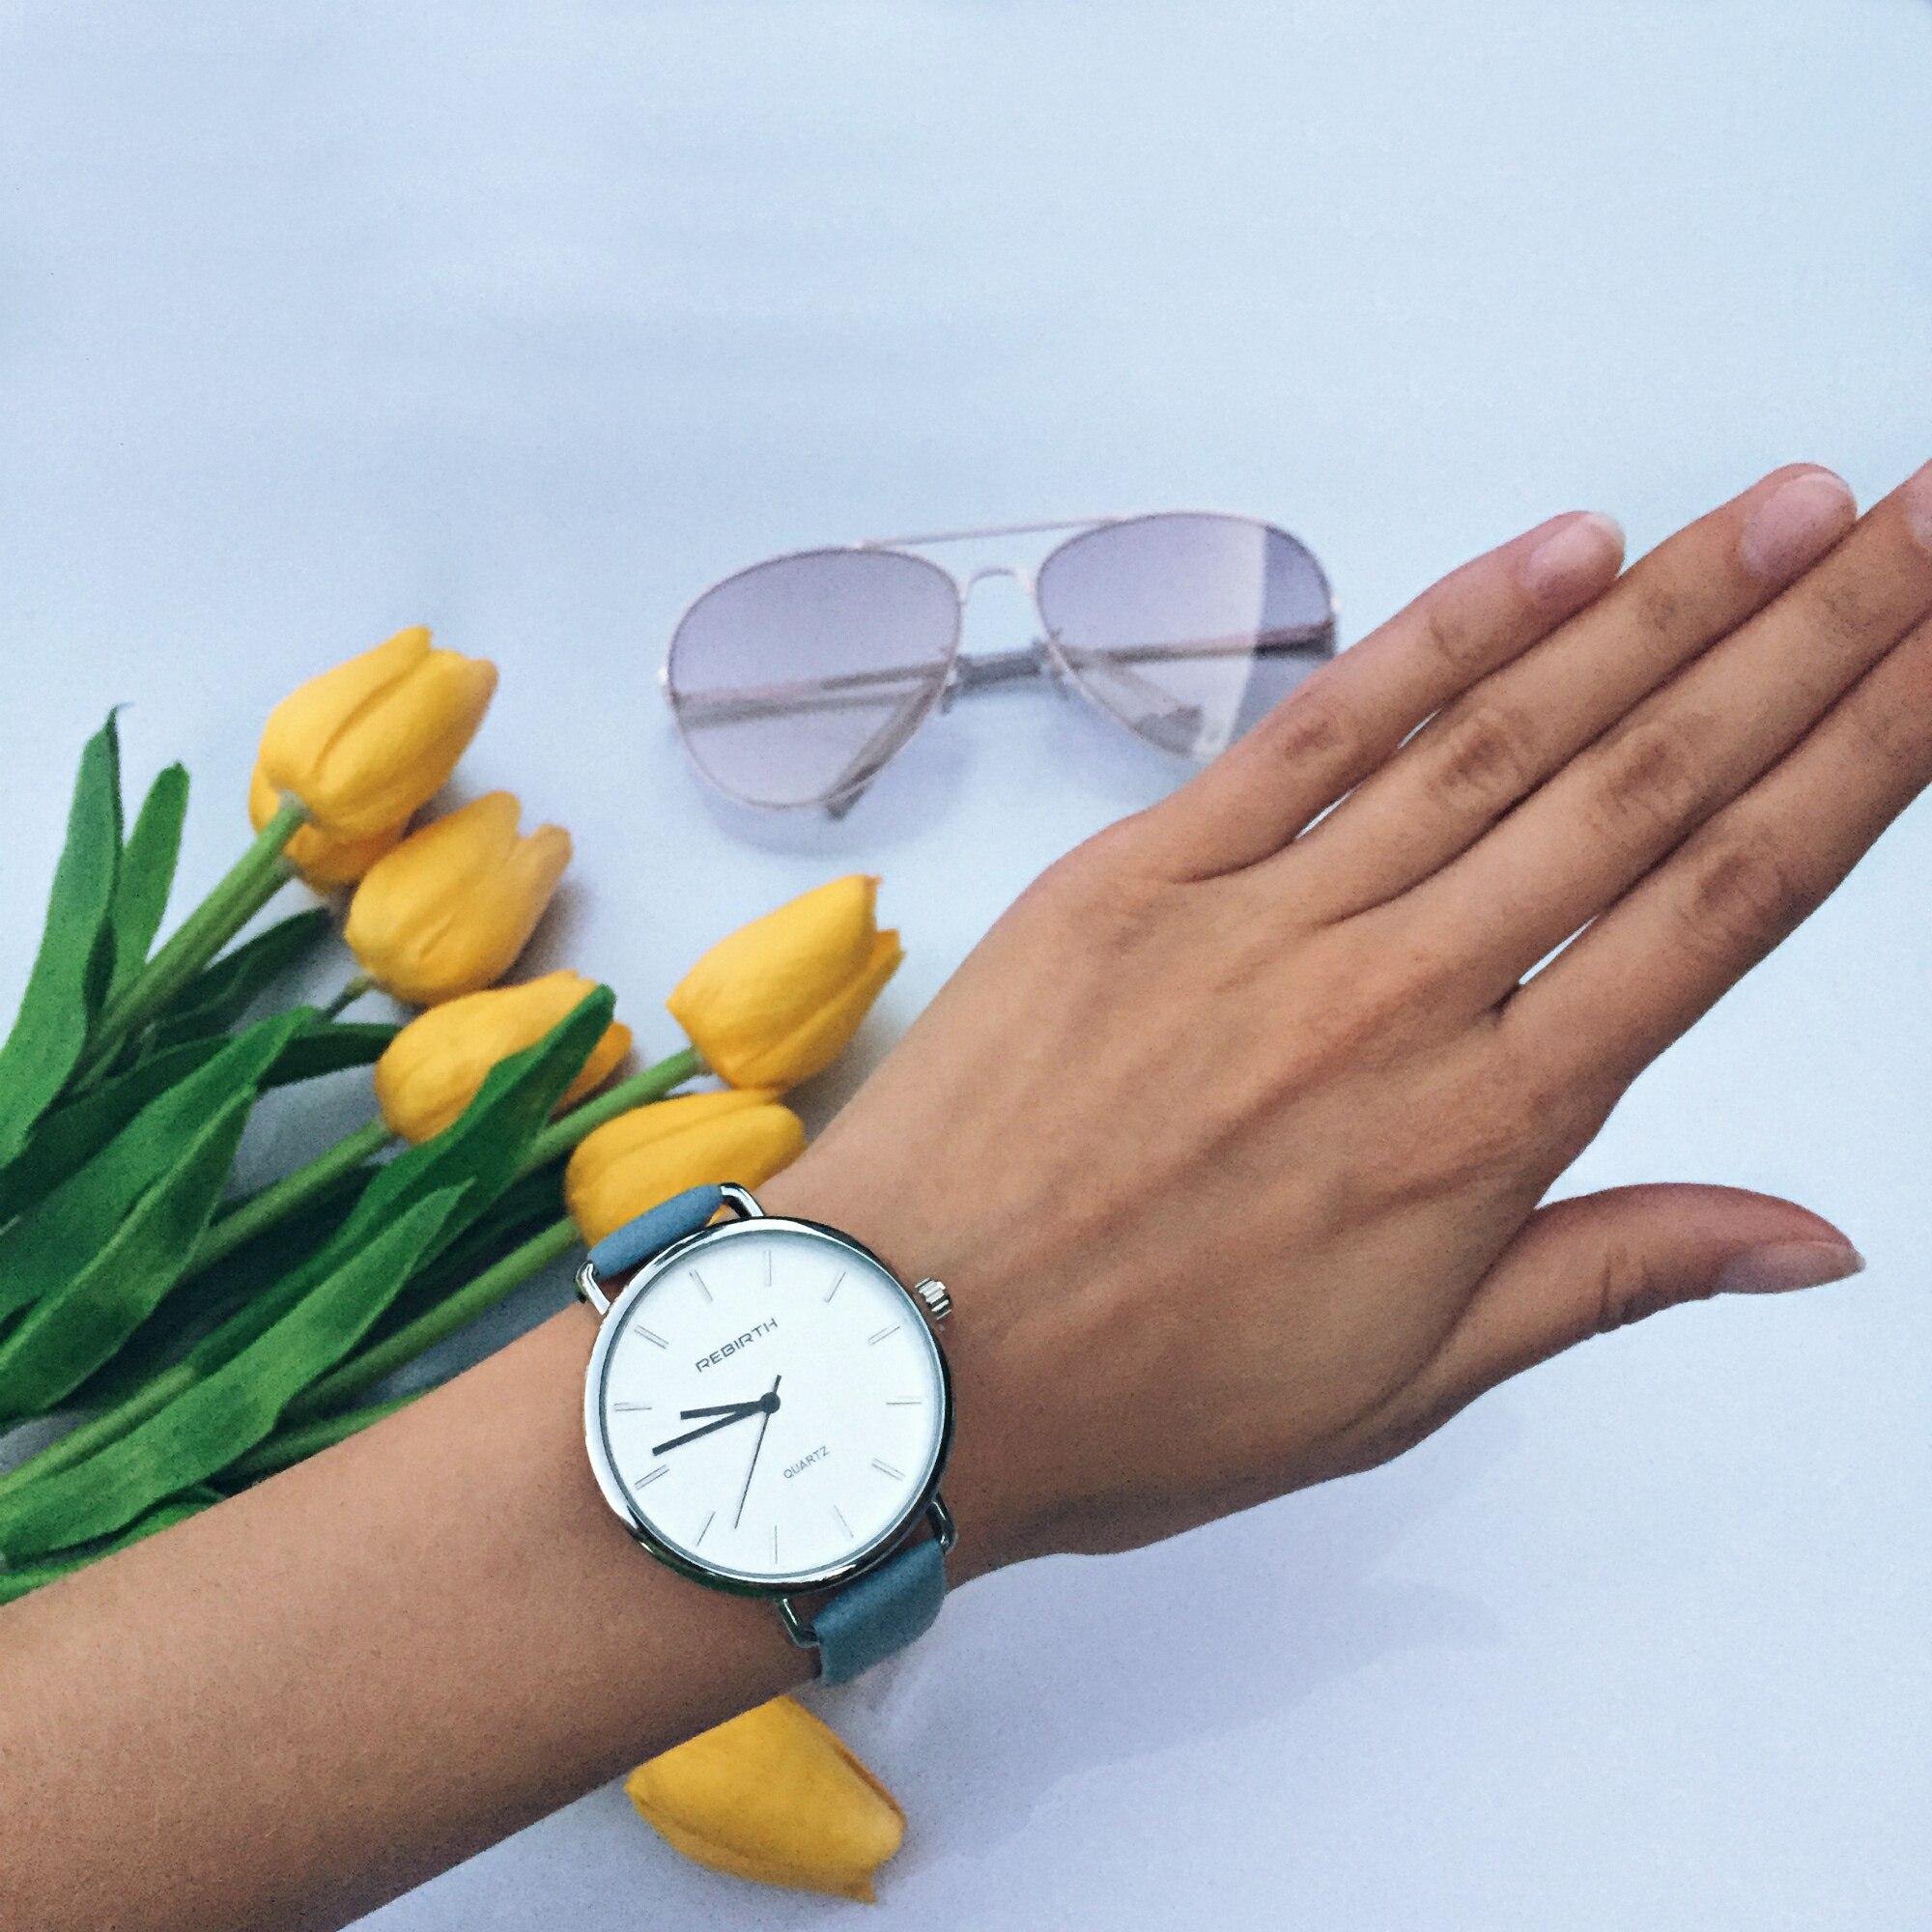 Часы за небольшую цену которые покорили мое сердце